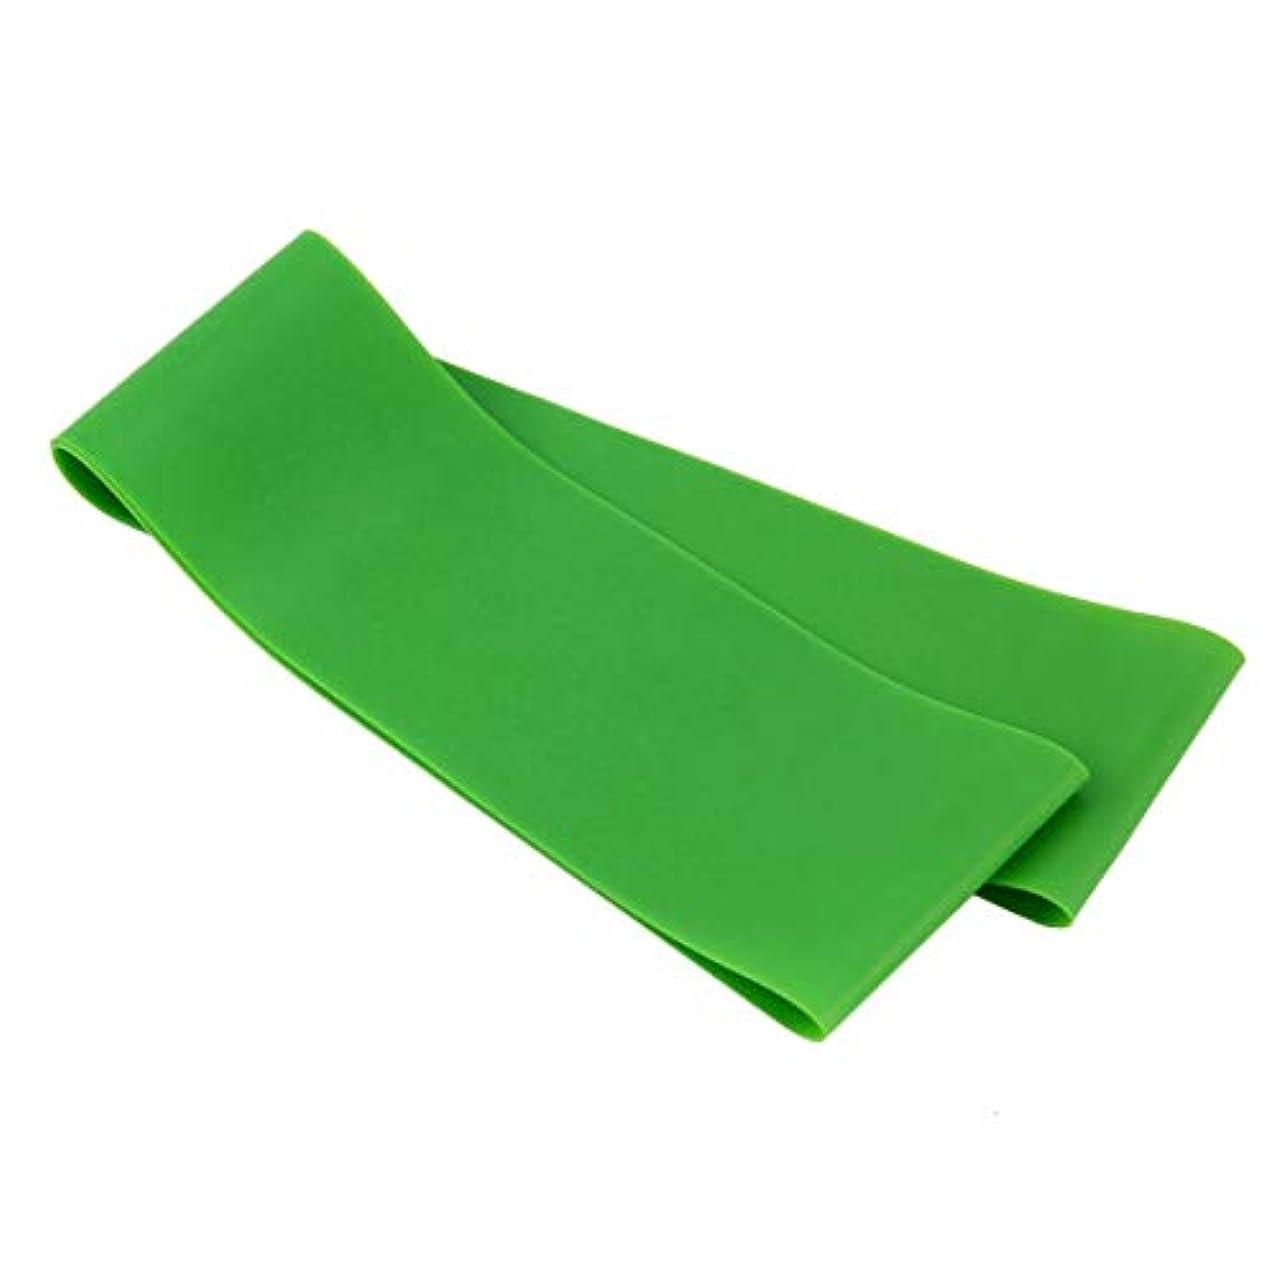 リップ出撃者トランクライブラリ滑り止め伸縮性ゴム弾性ヨガベルトバンドプルロープ張力抵抗バンドループ強度のためのフィットネスヨガツール - グリーン